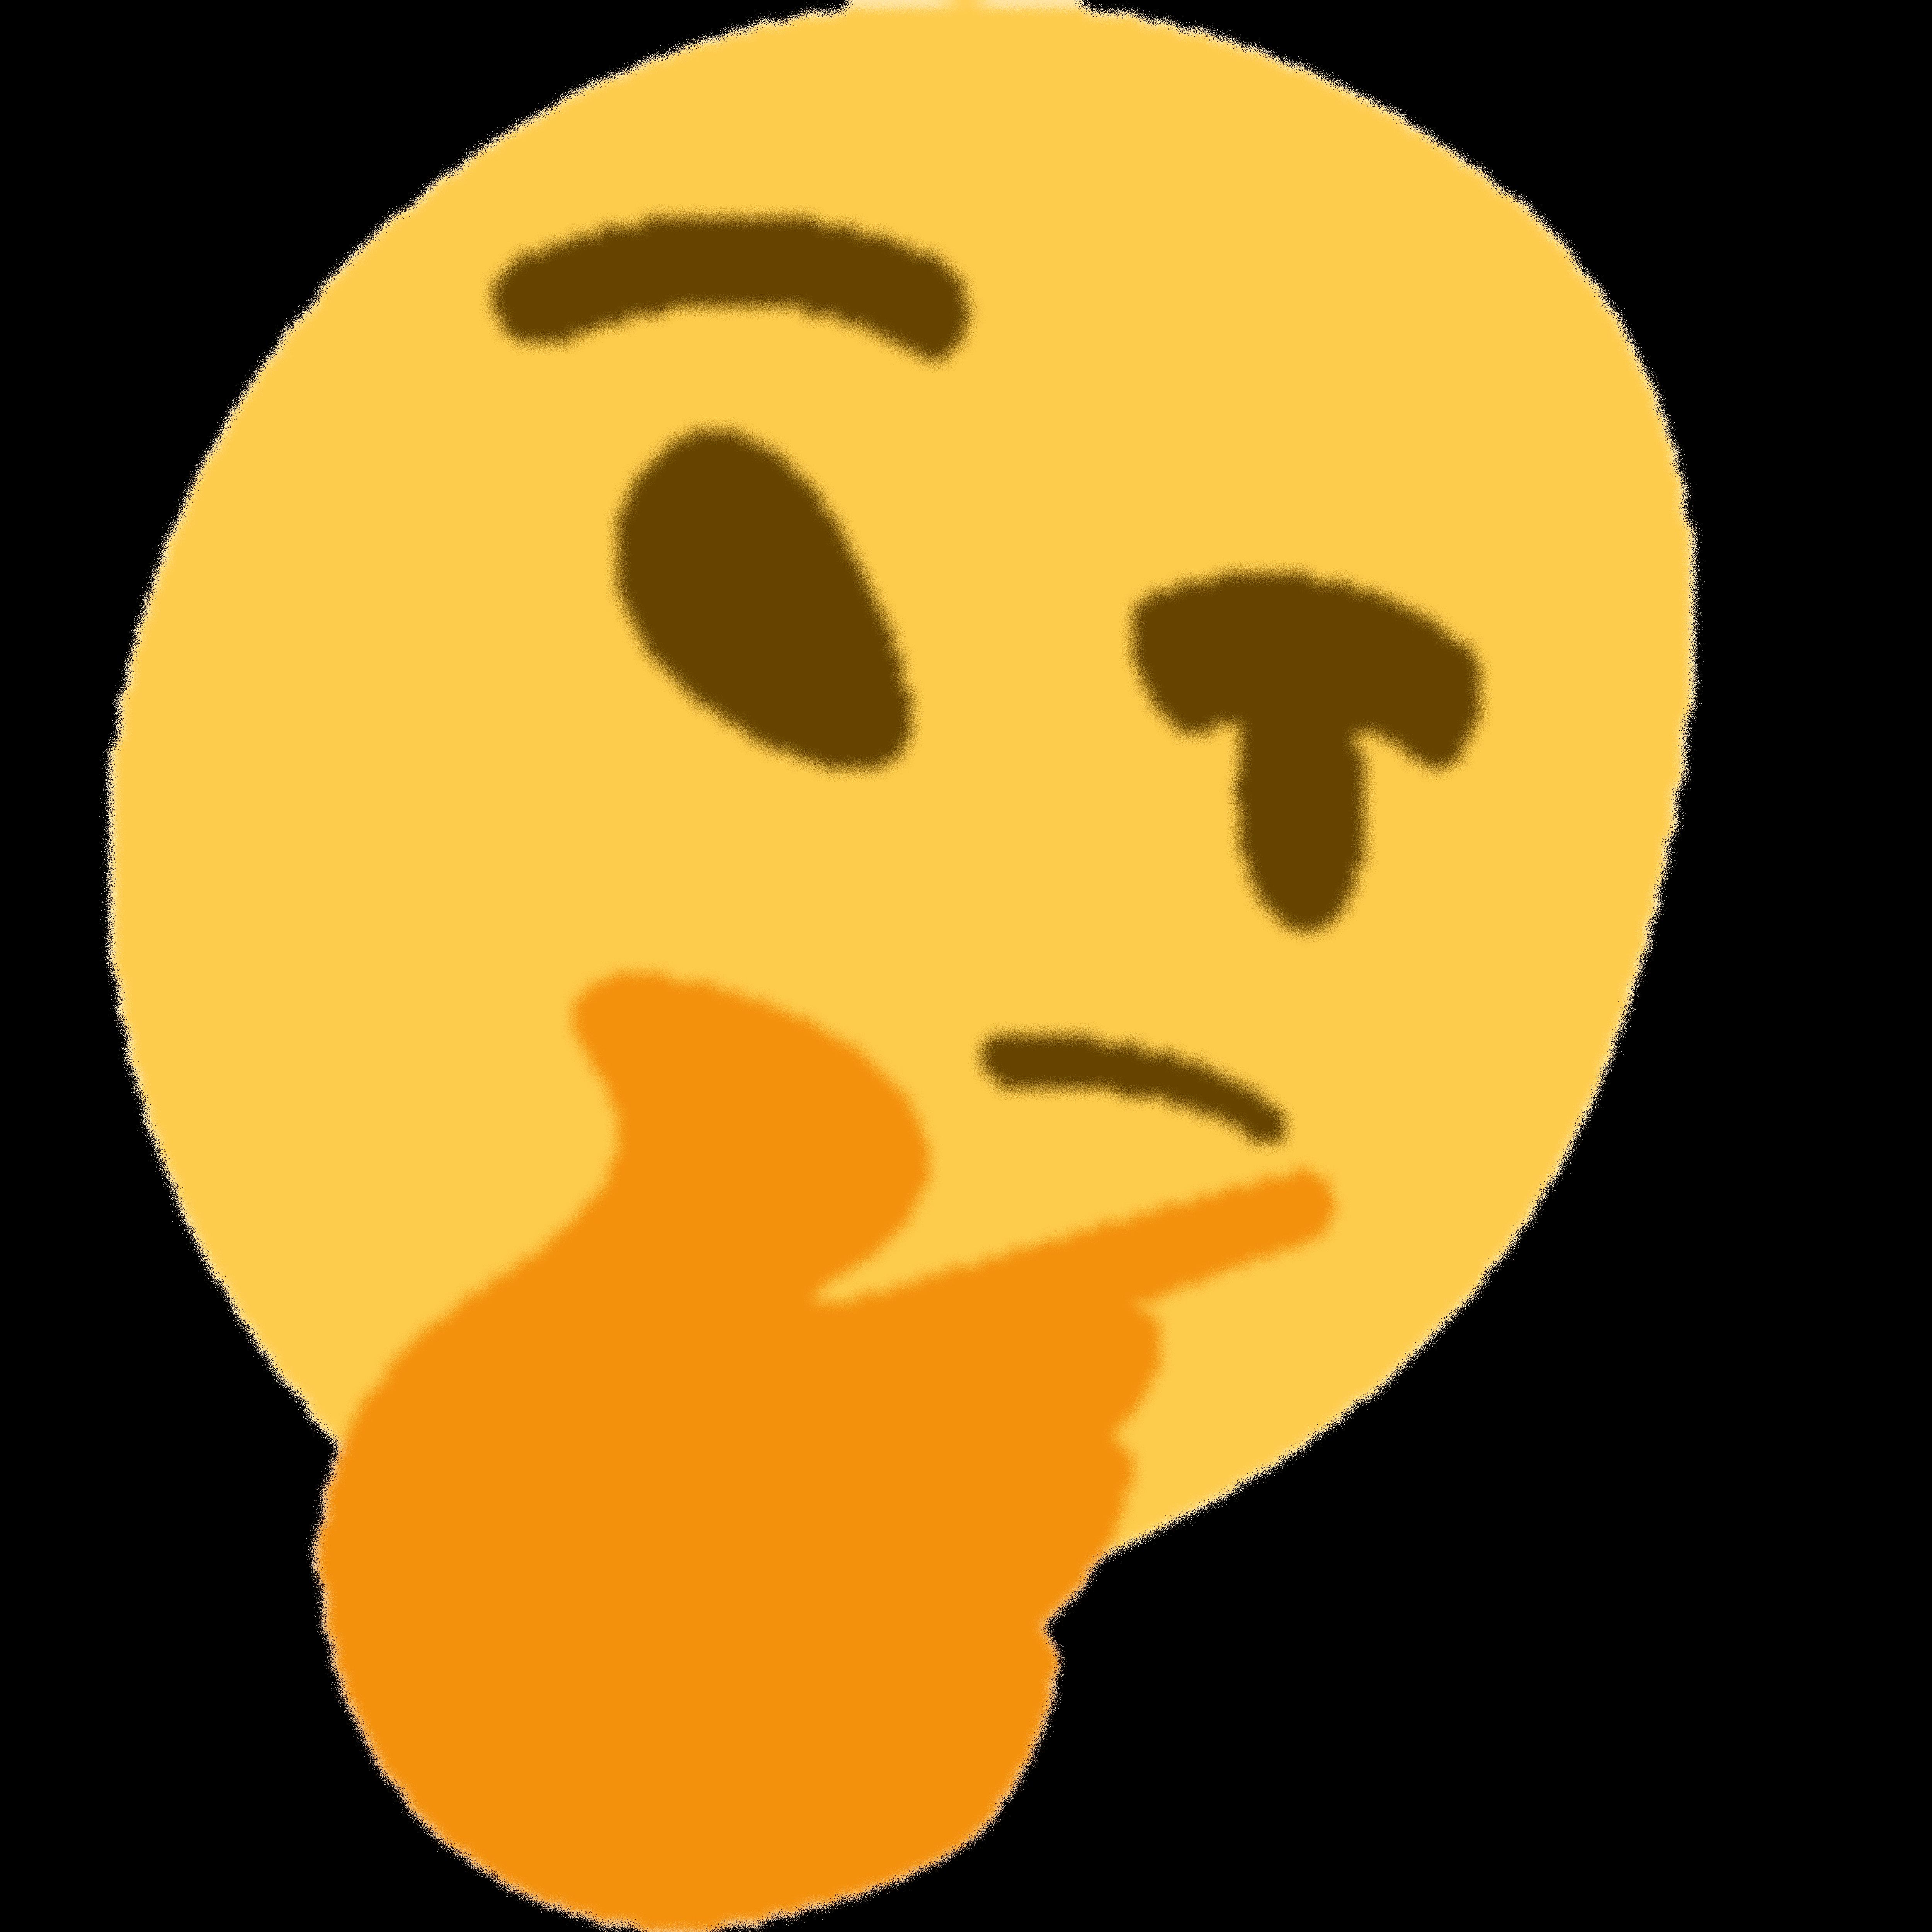 destroyedthink discord emoji